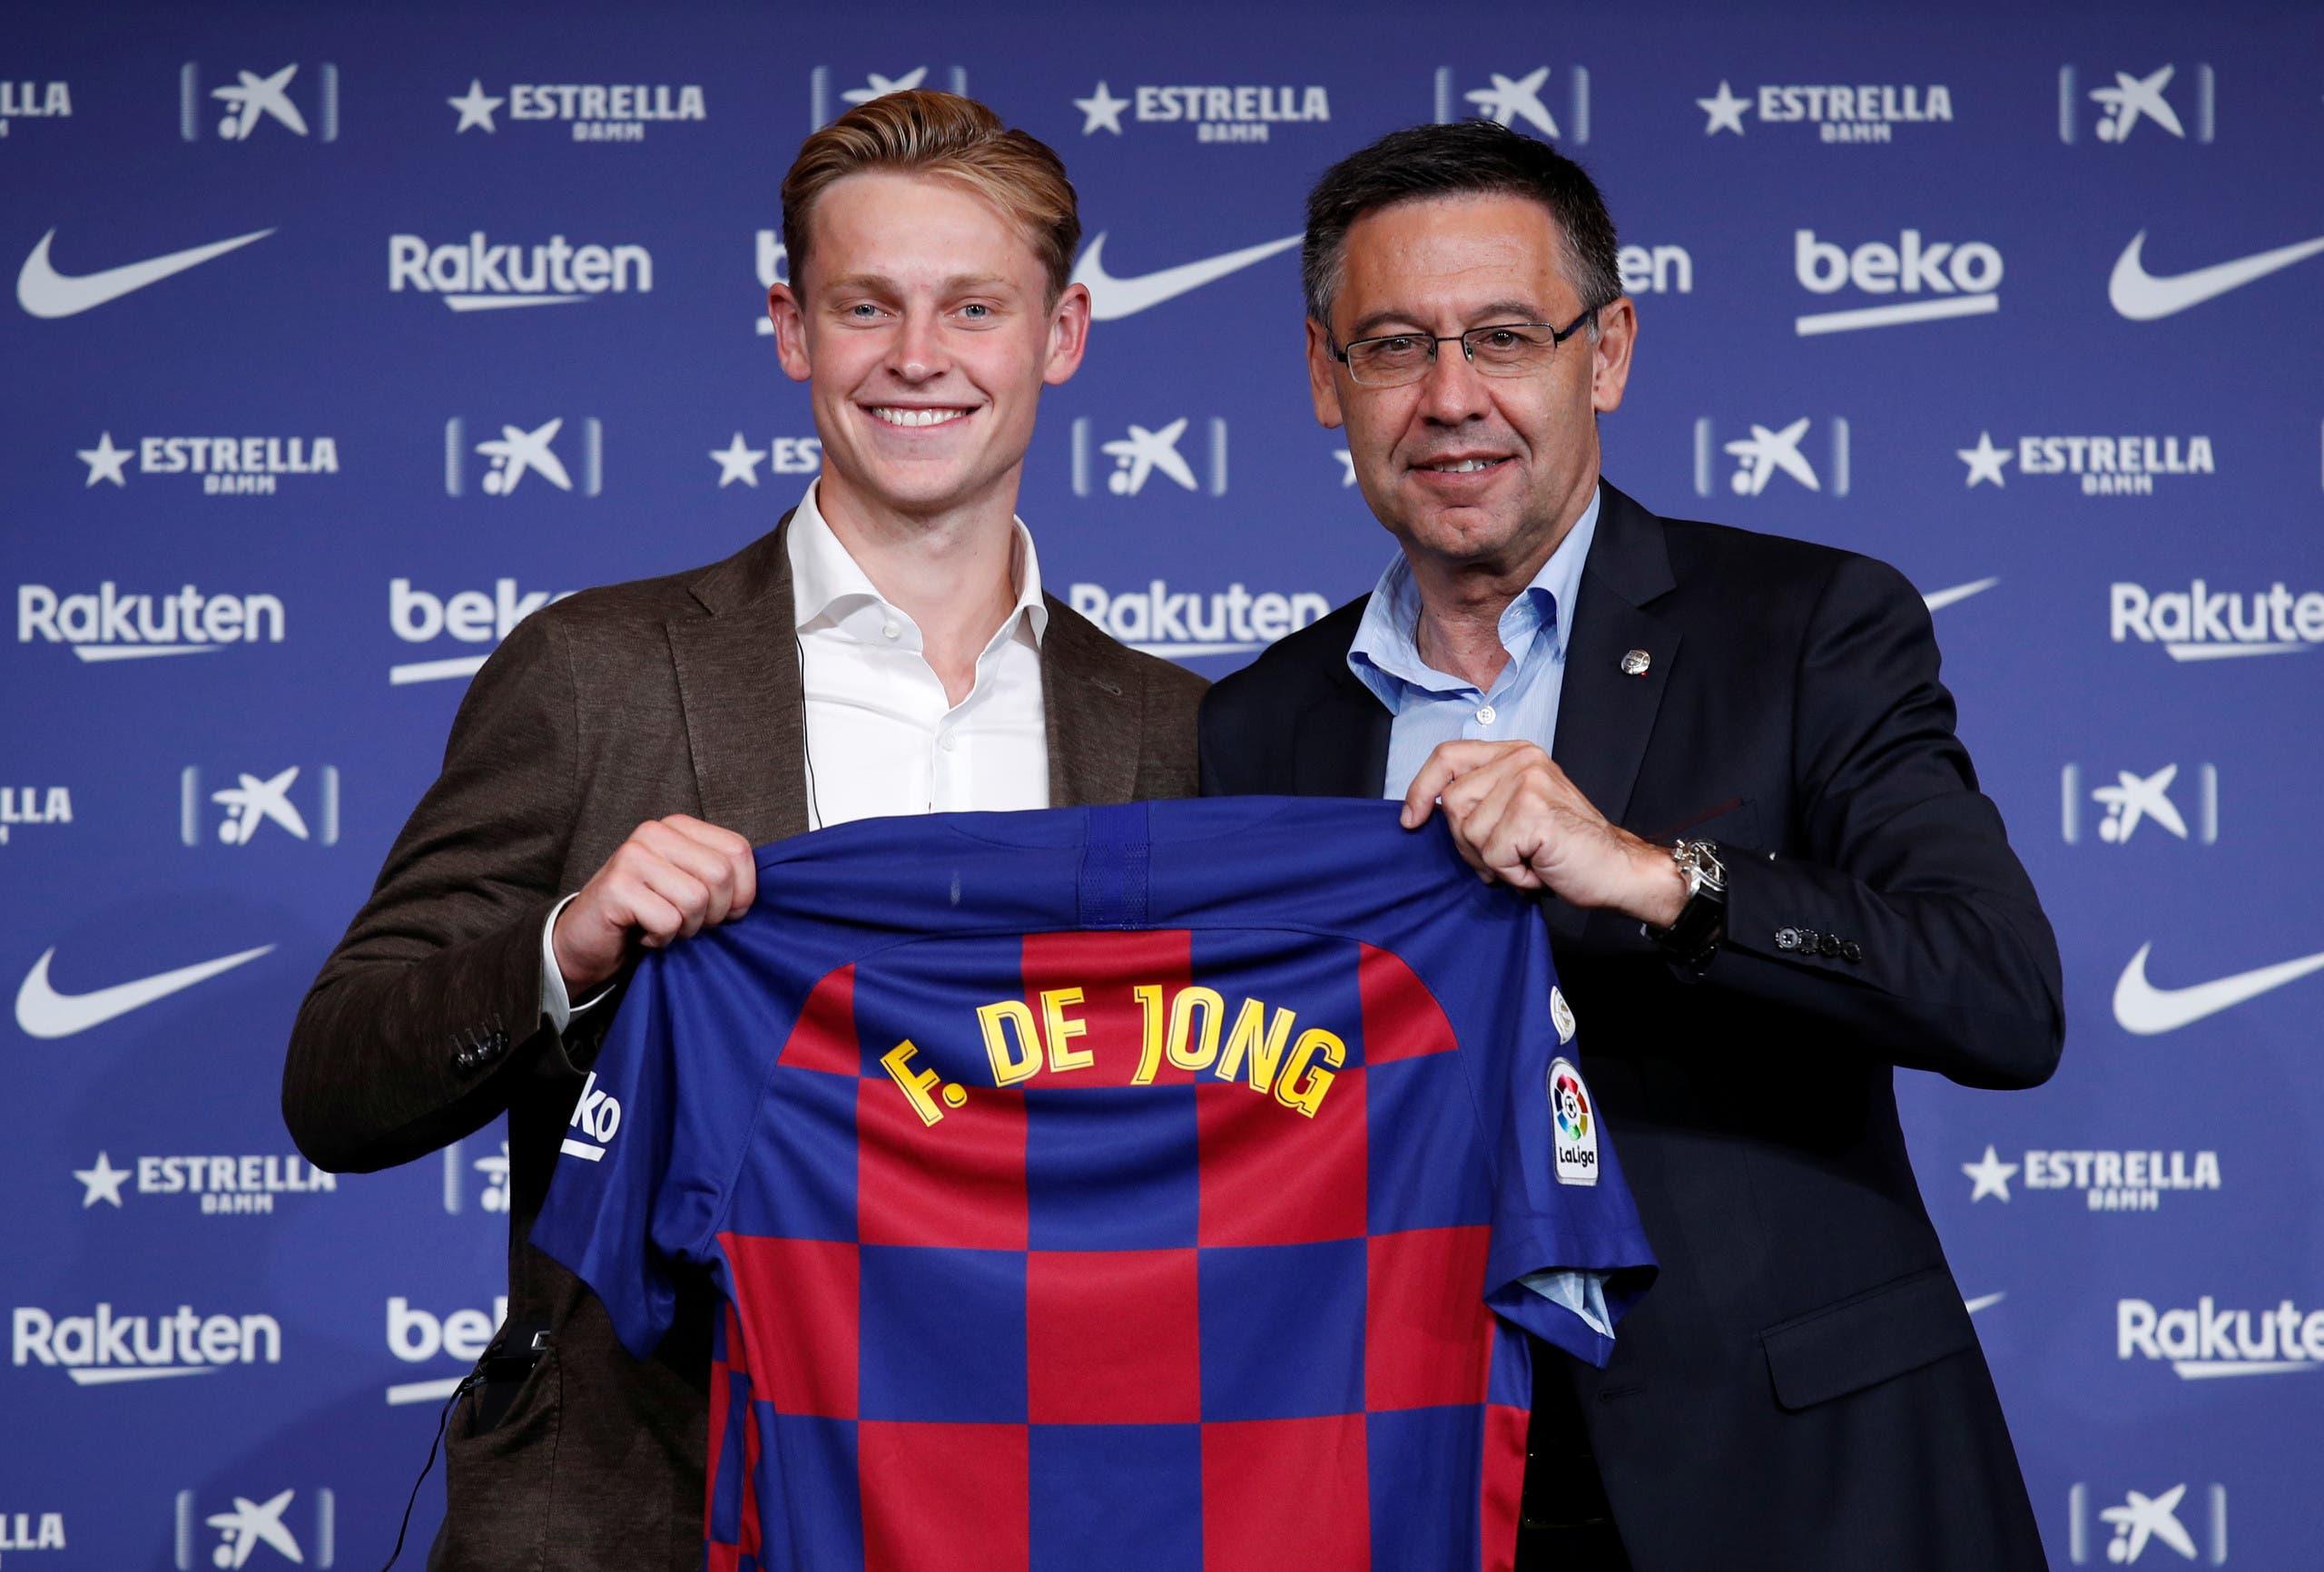 فرانك دي يونغ انتقل إلى برشلونة ورفض أموال القطريين